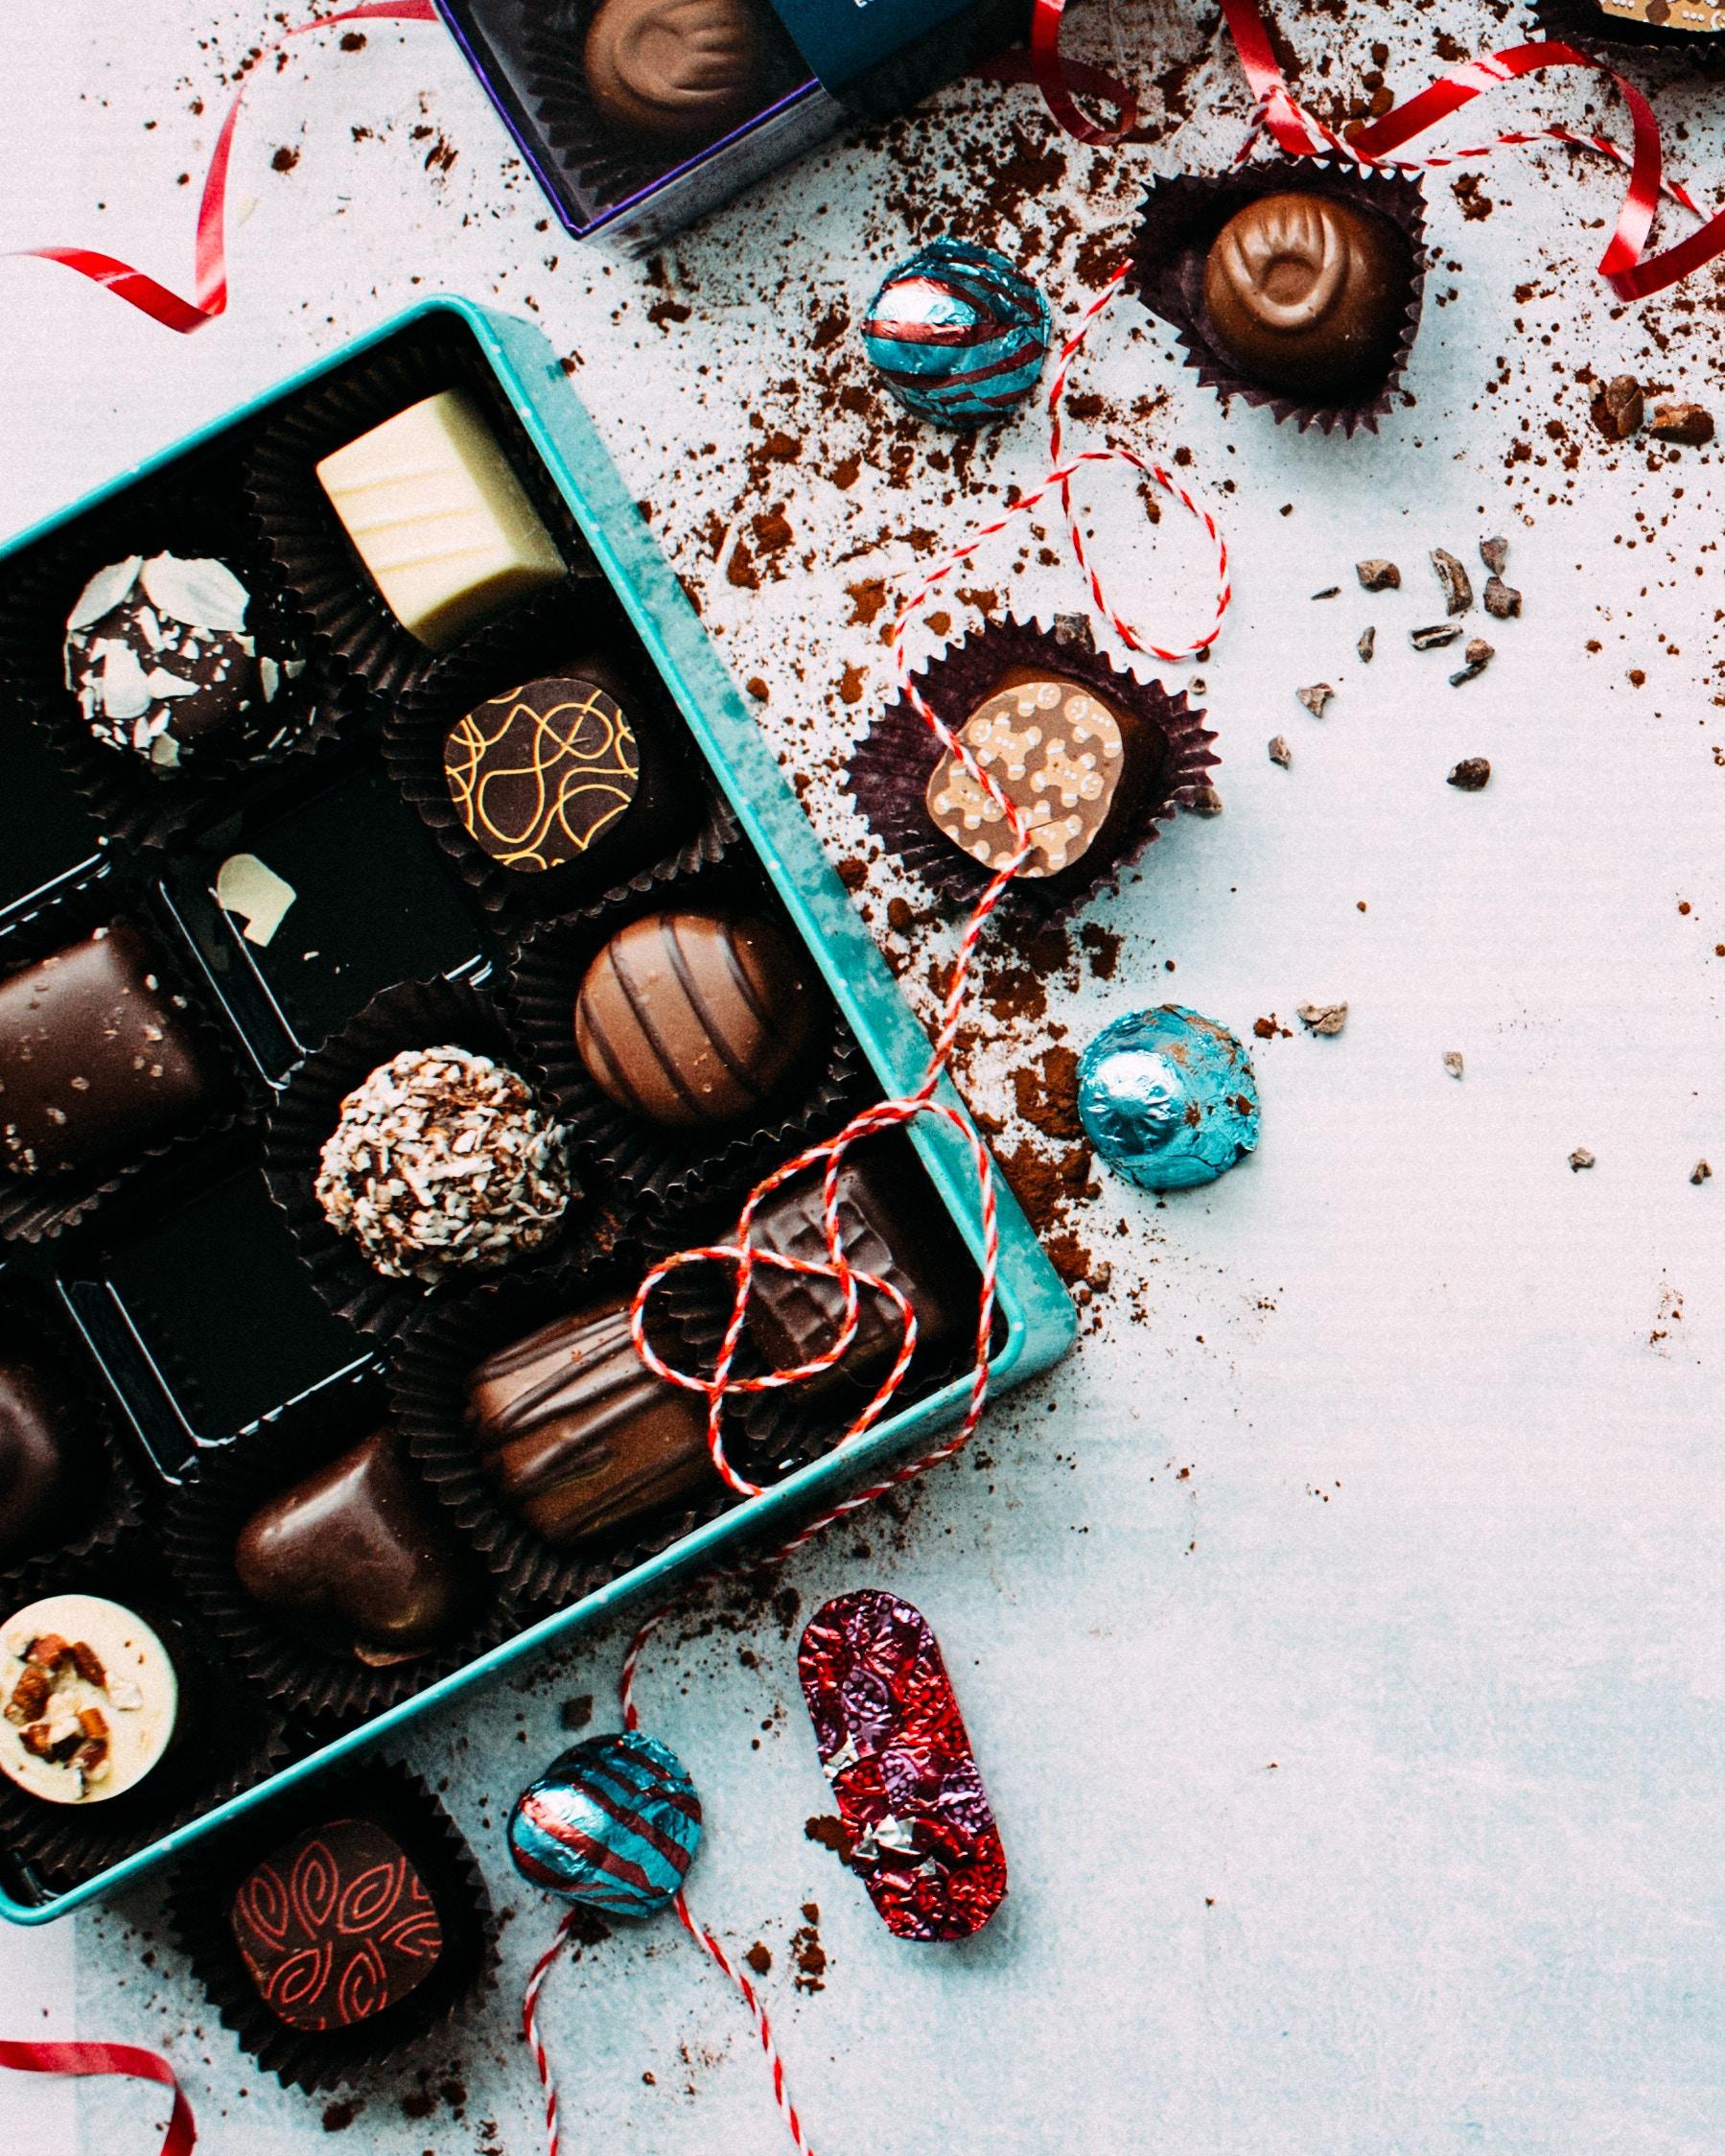 Notre sélection de goodies à offrir pour Noël